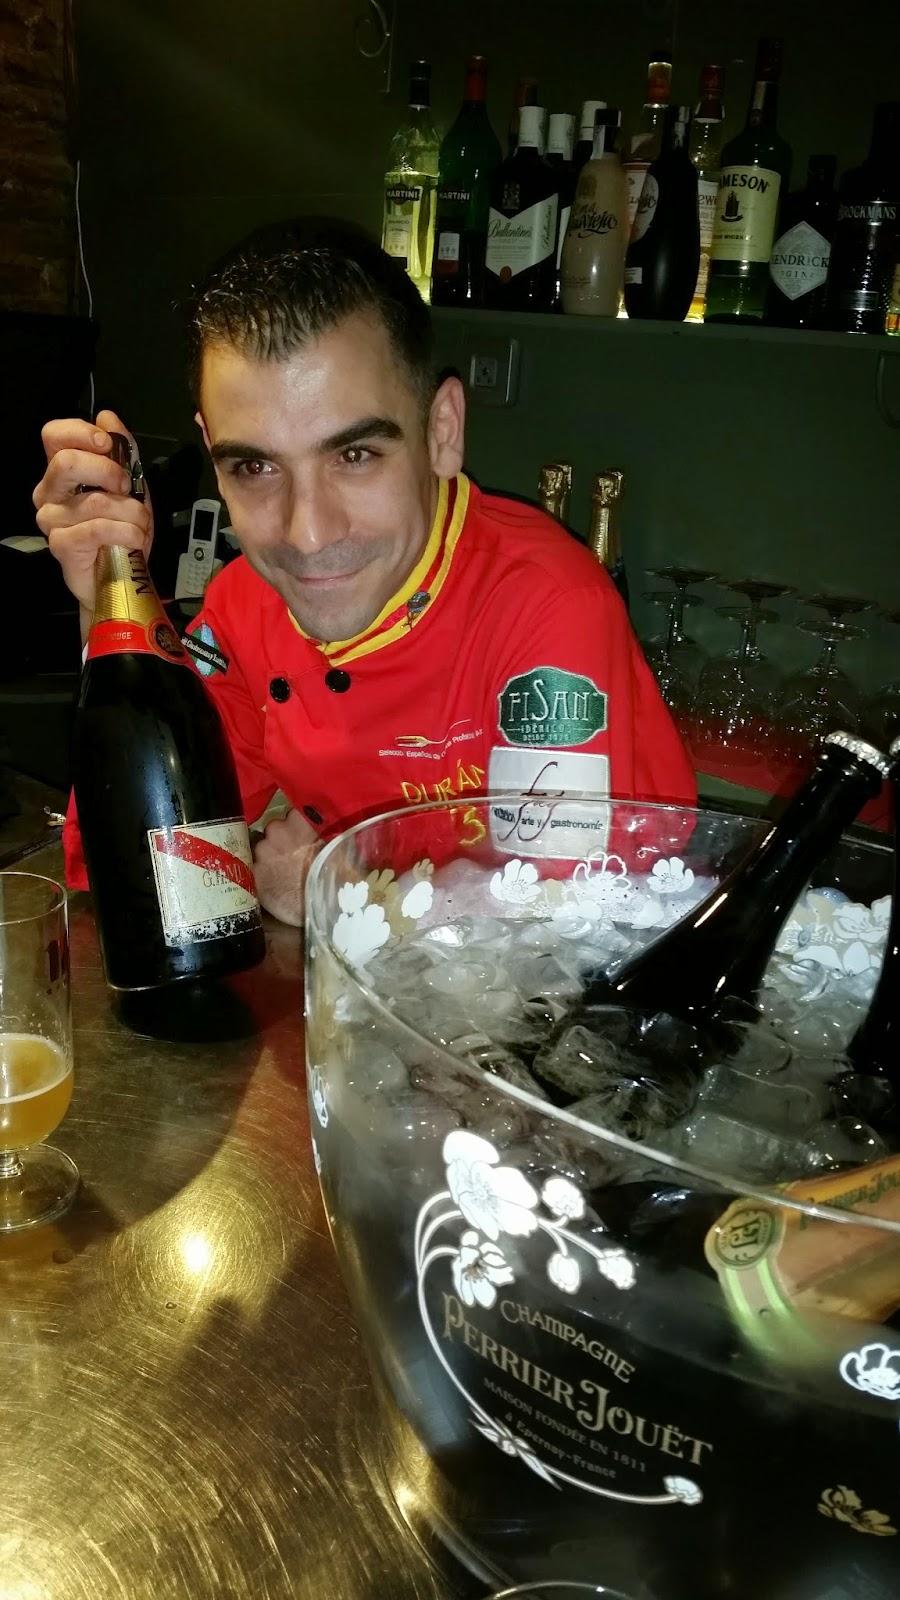 Tomamos Cerveza Si Nos Gustamos Cenamos Nos Seguimos Gustando Vamos Al Hotel 1420